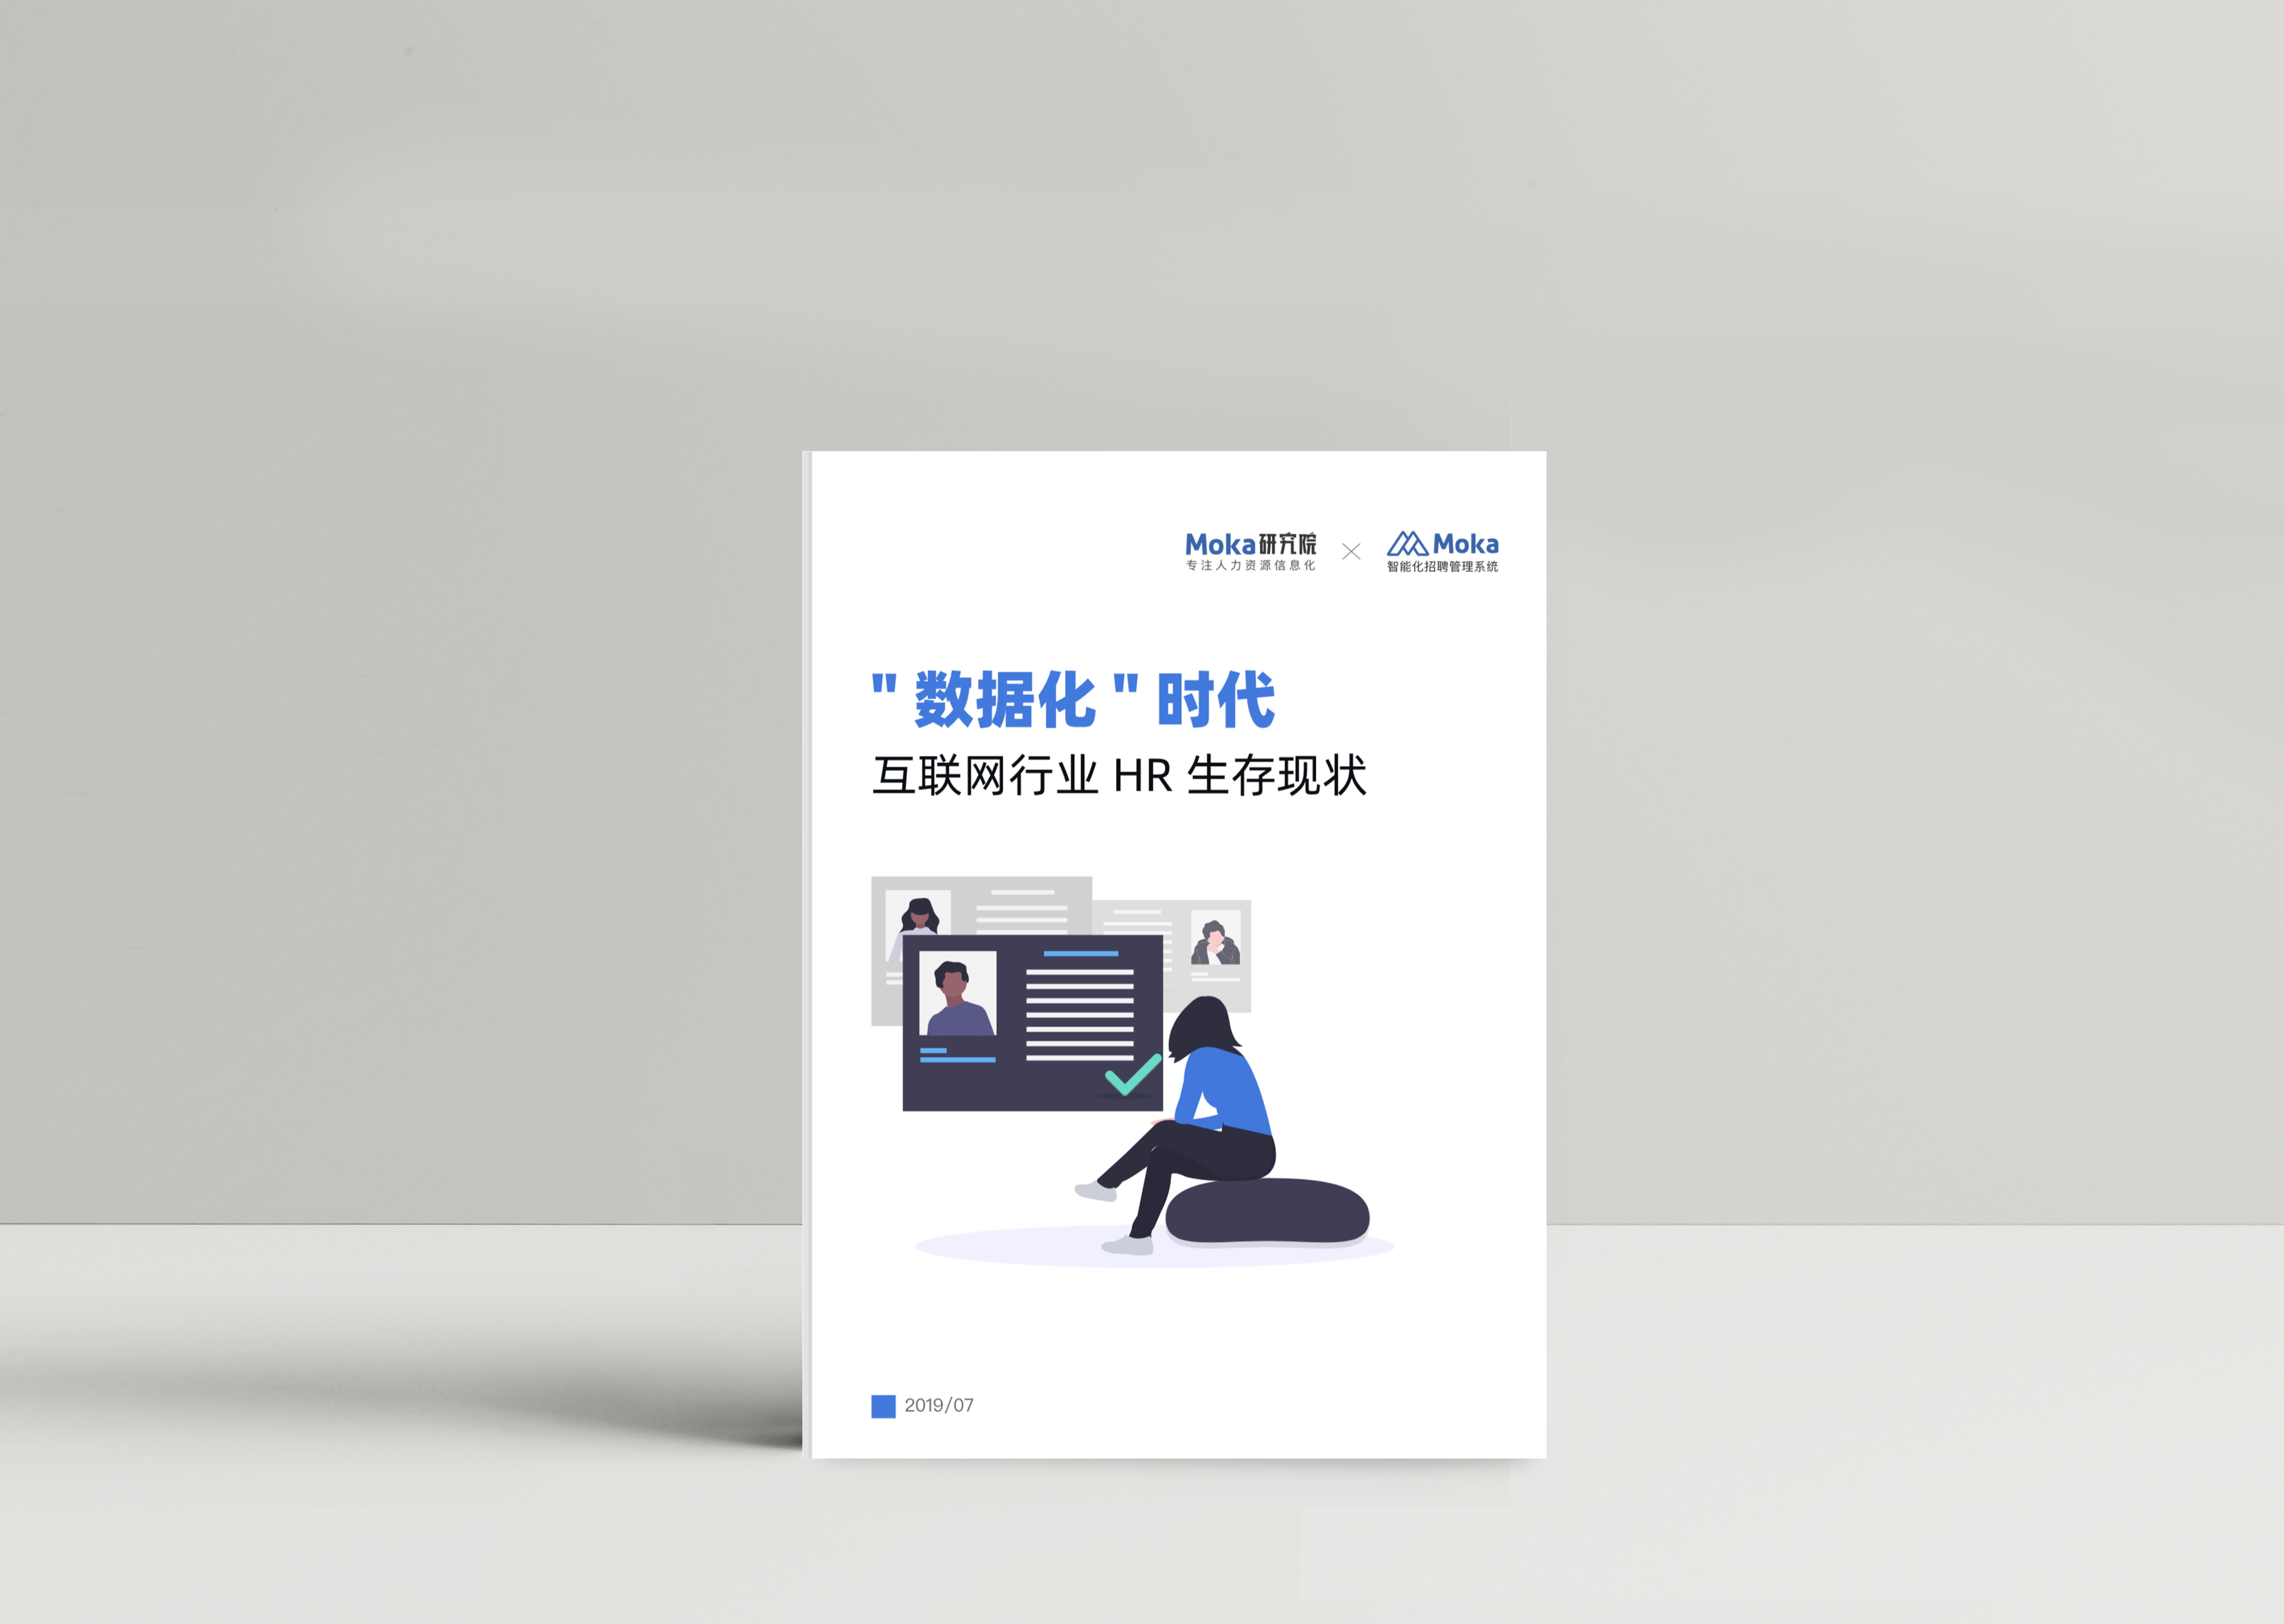 热!限时领取-2019互联网HR生存现状报告-Moka智能化招聘系统